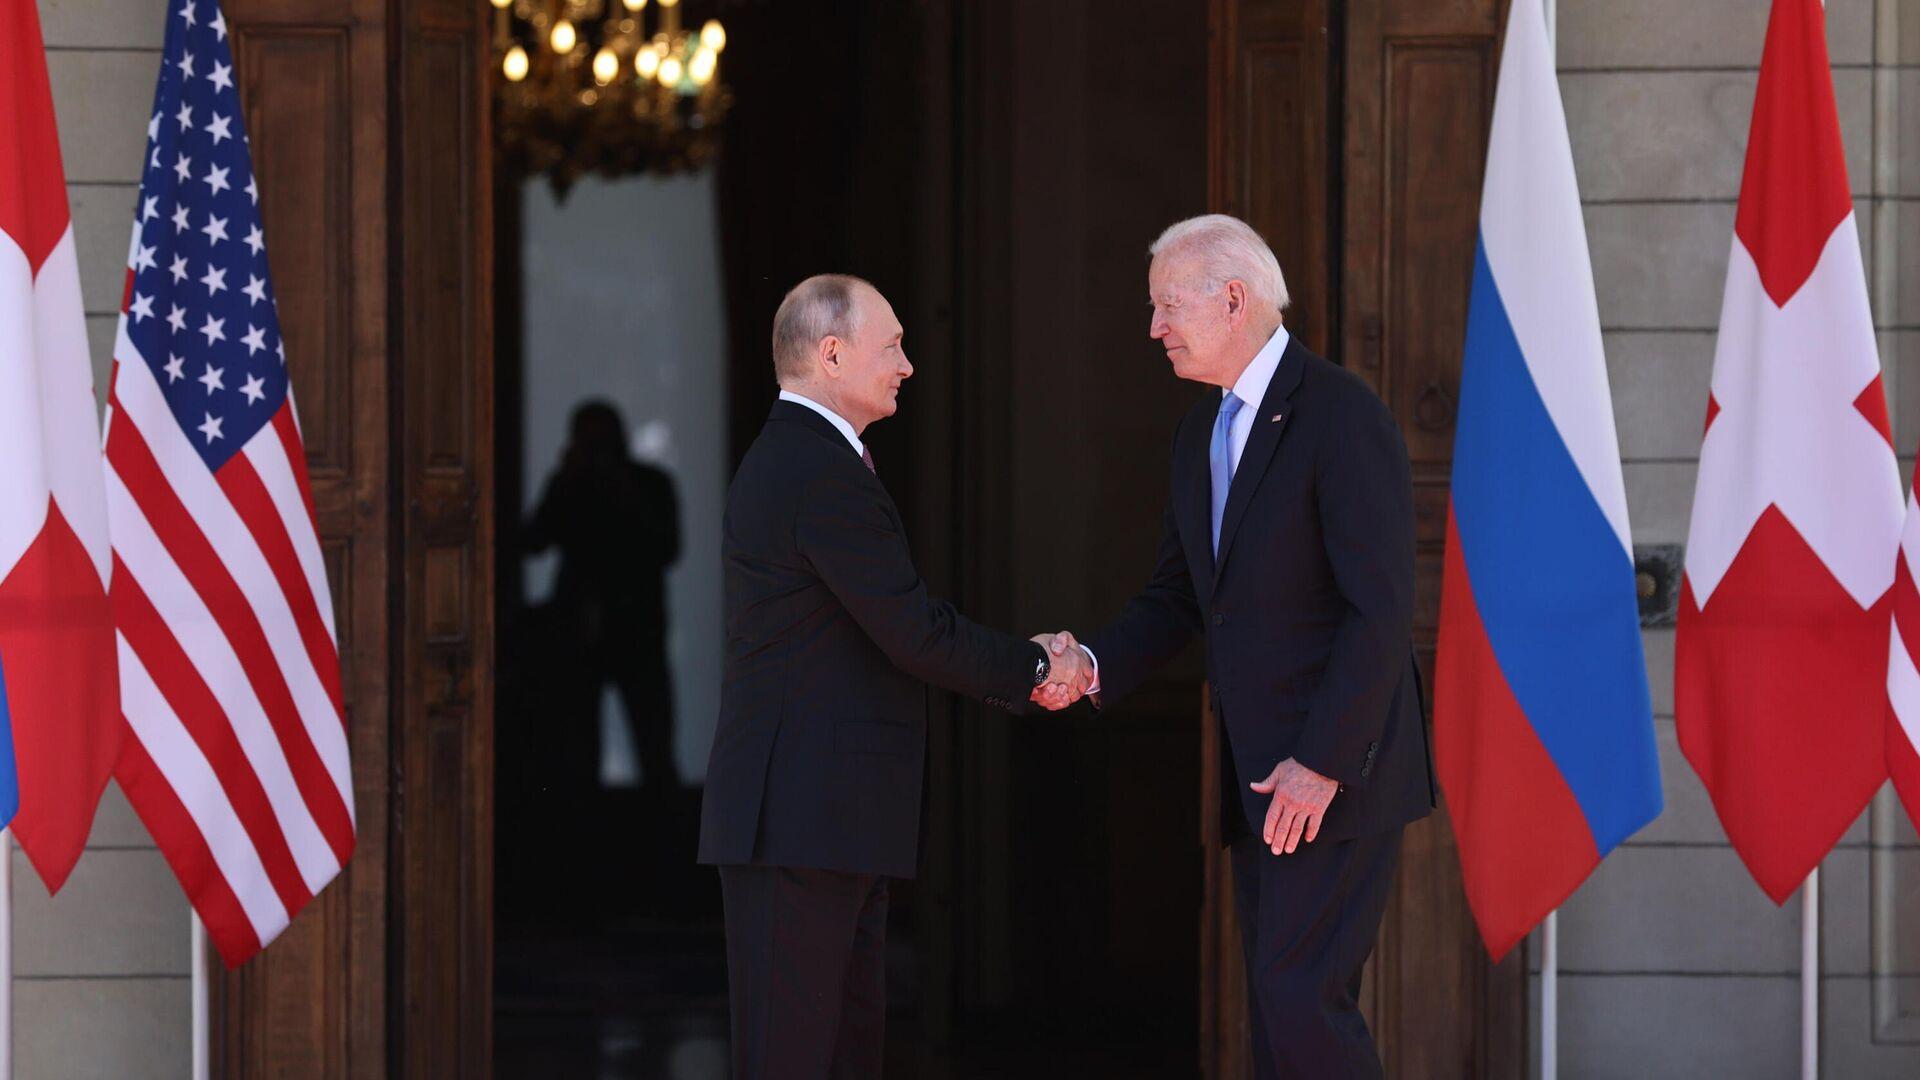 Встреча президентов России и США В. Путина и Дж. Байдена в Женеве - РИА Новости, 1920, 16.06.2021